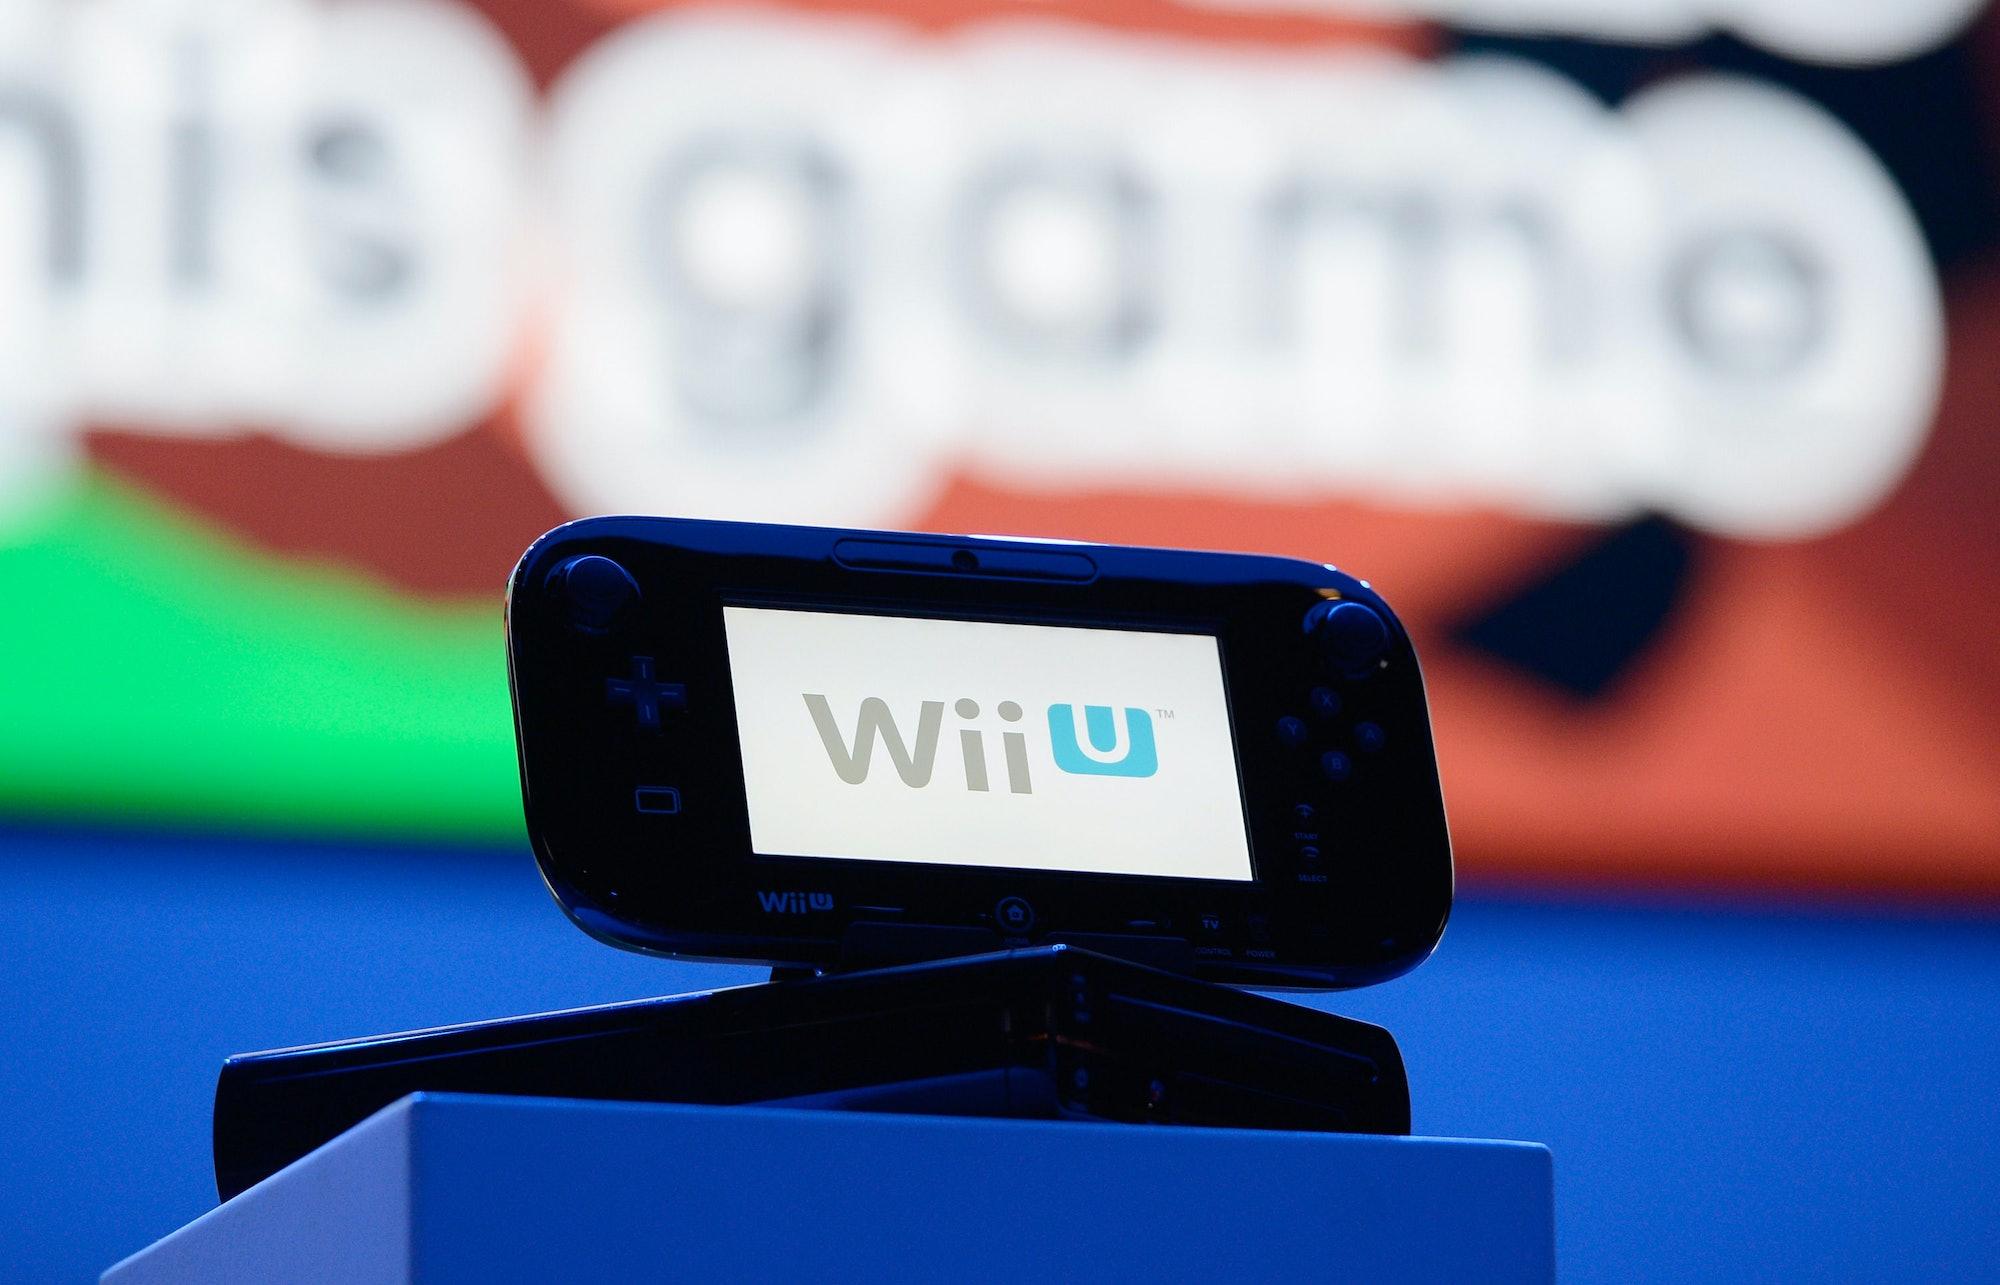 Nintendo Switch Wii U